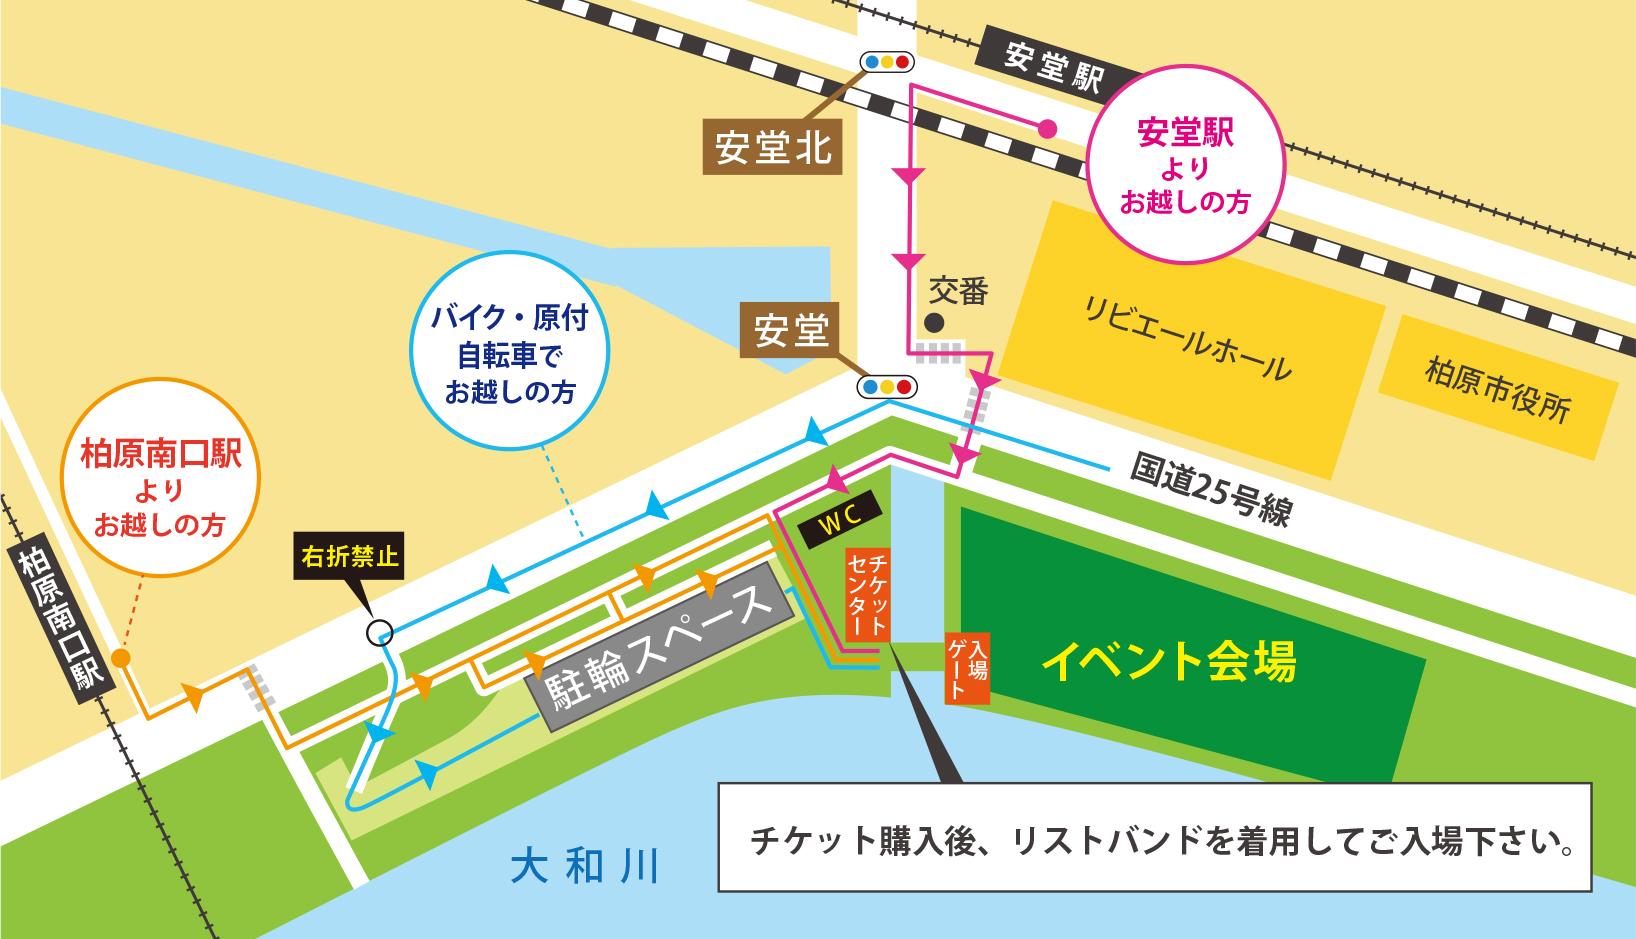 経路マップ